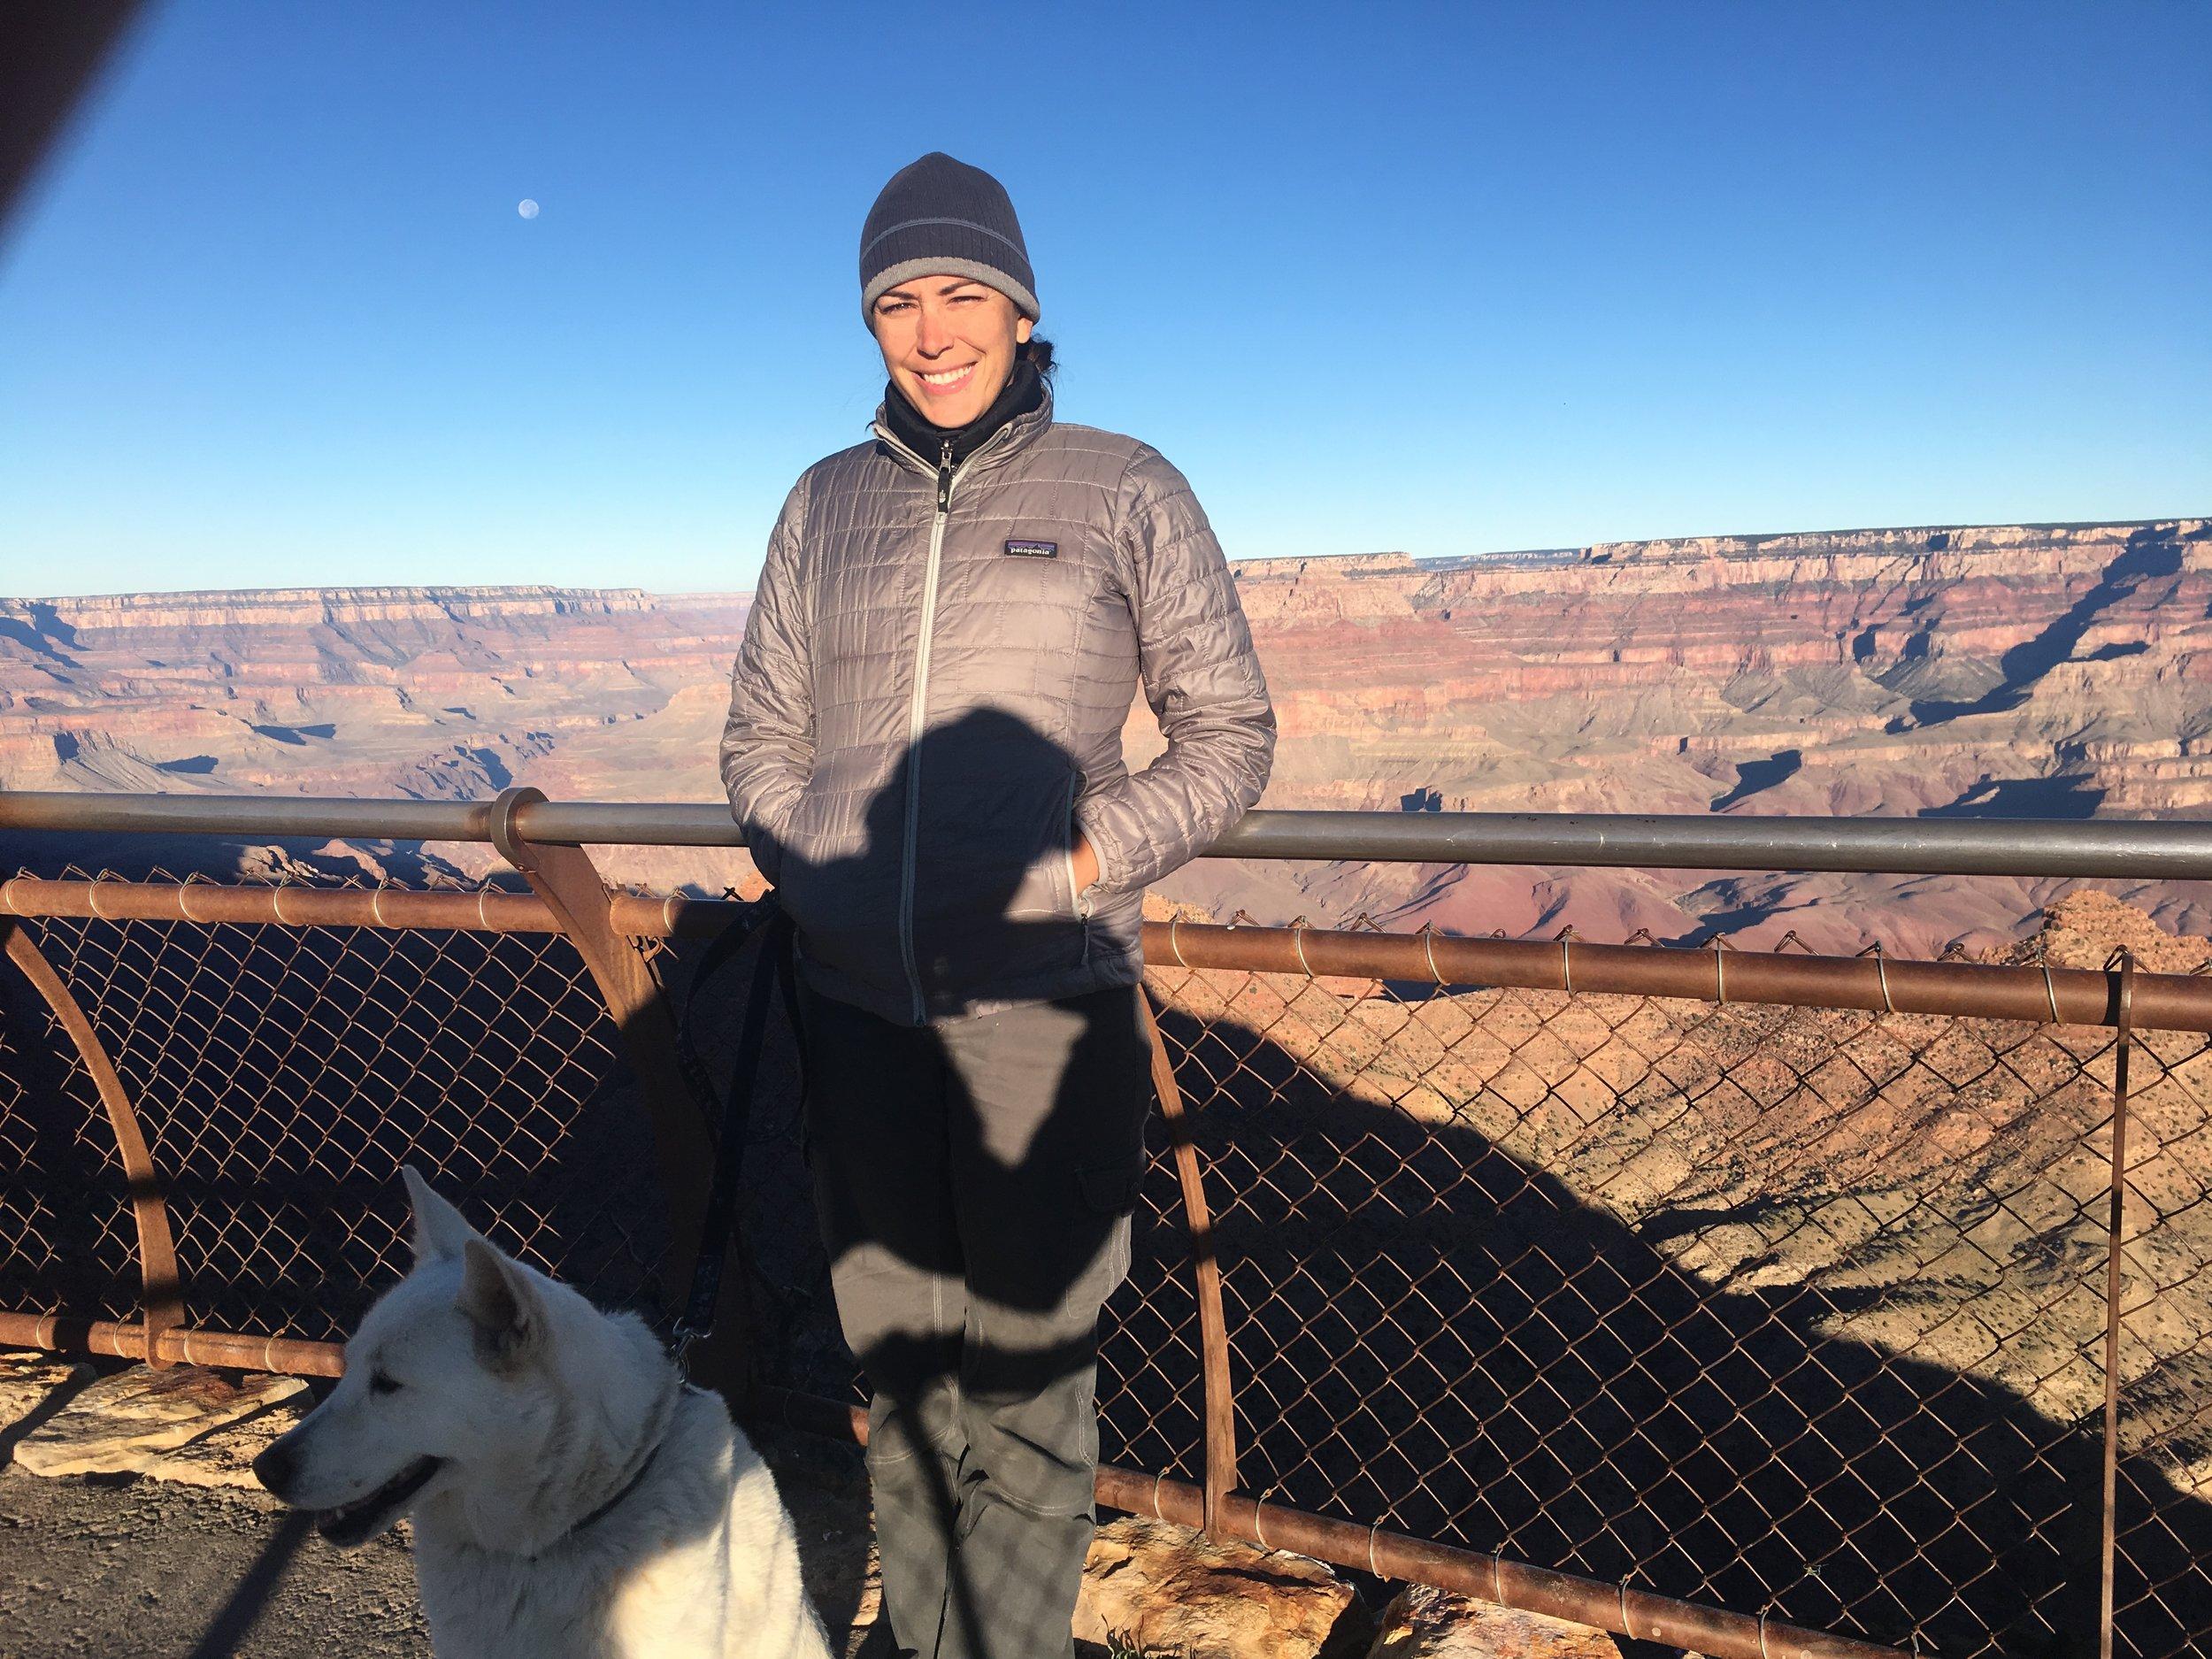 At the Grand Canyon south rim.